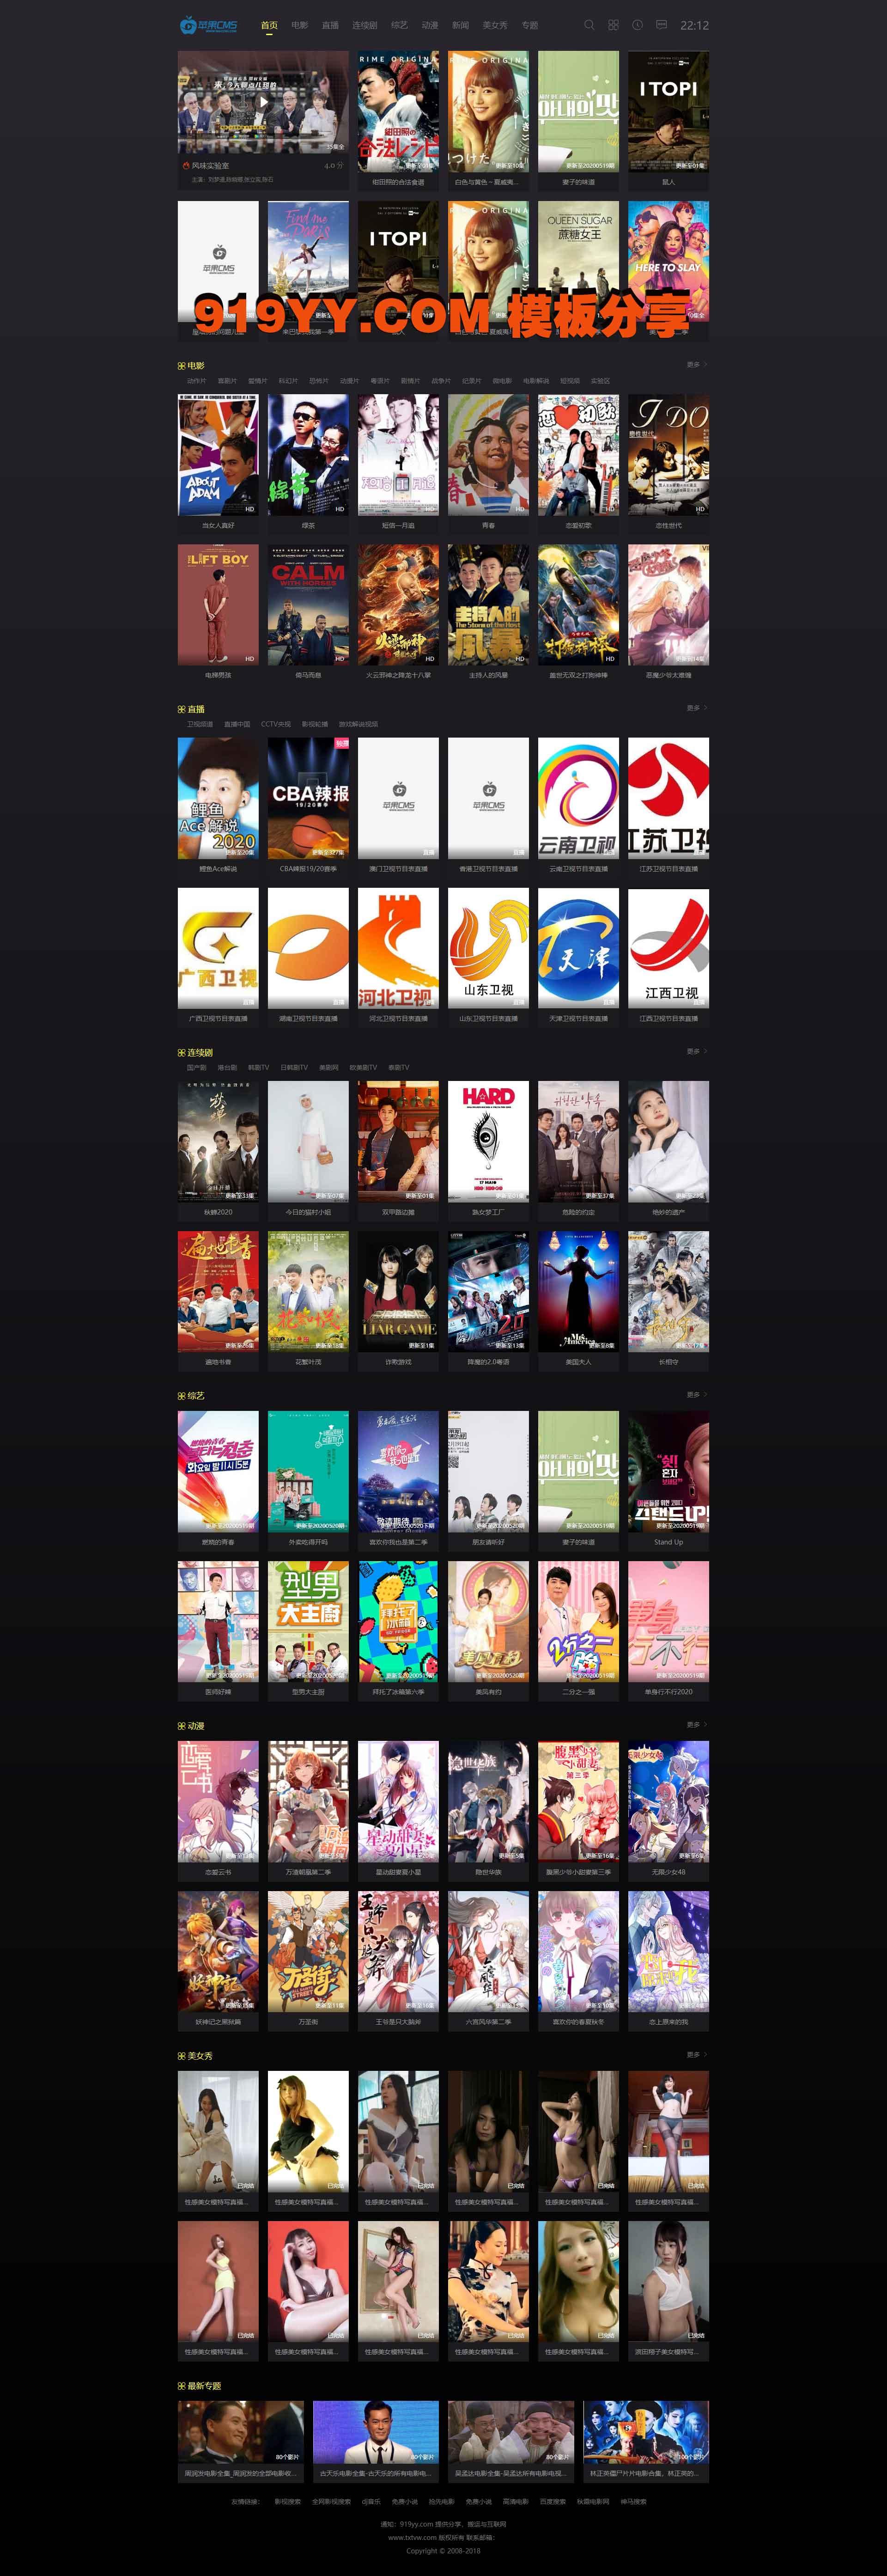 苹果cms另外一套比较好看的模板,pc+手机自适应免费下载  - 919yy.com